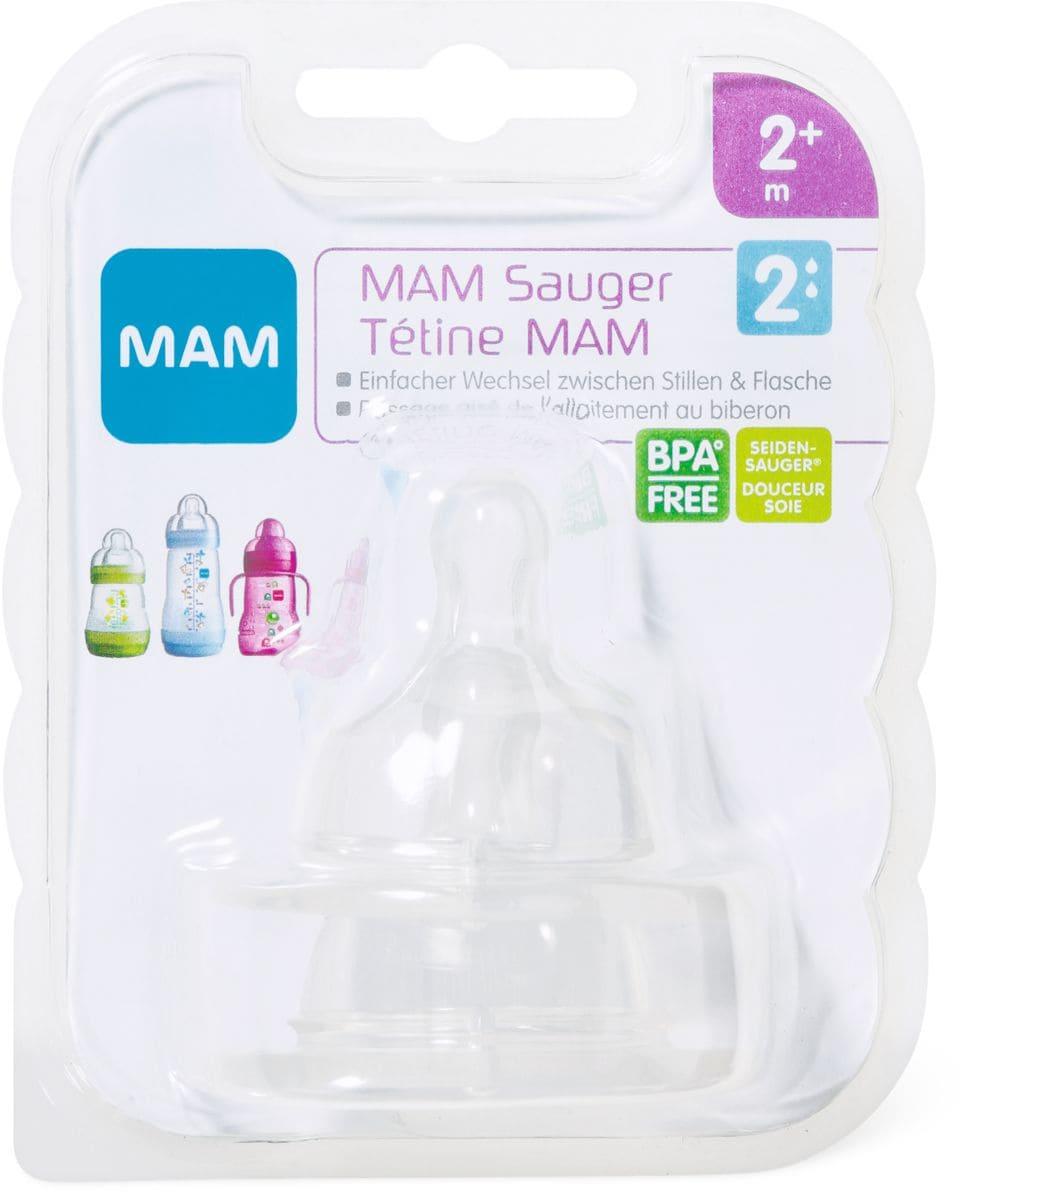 MAM Sauger, 2 Stück